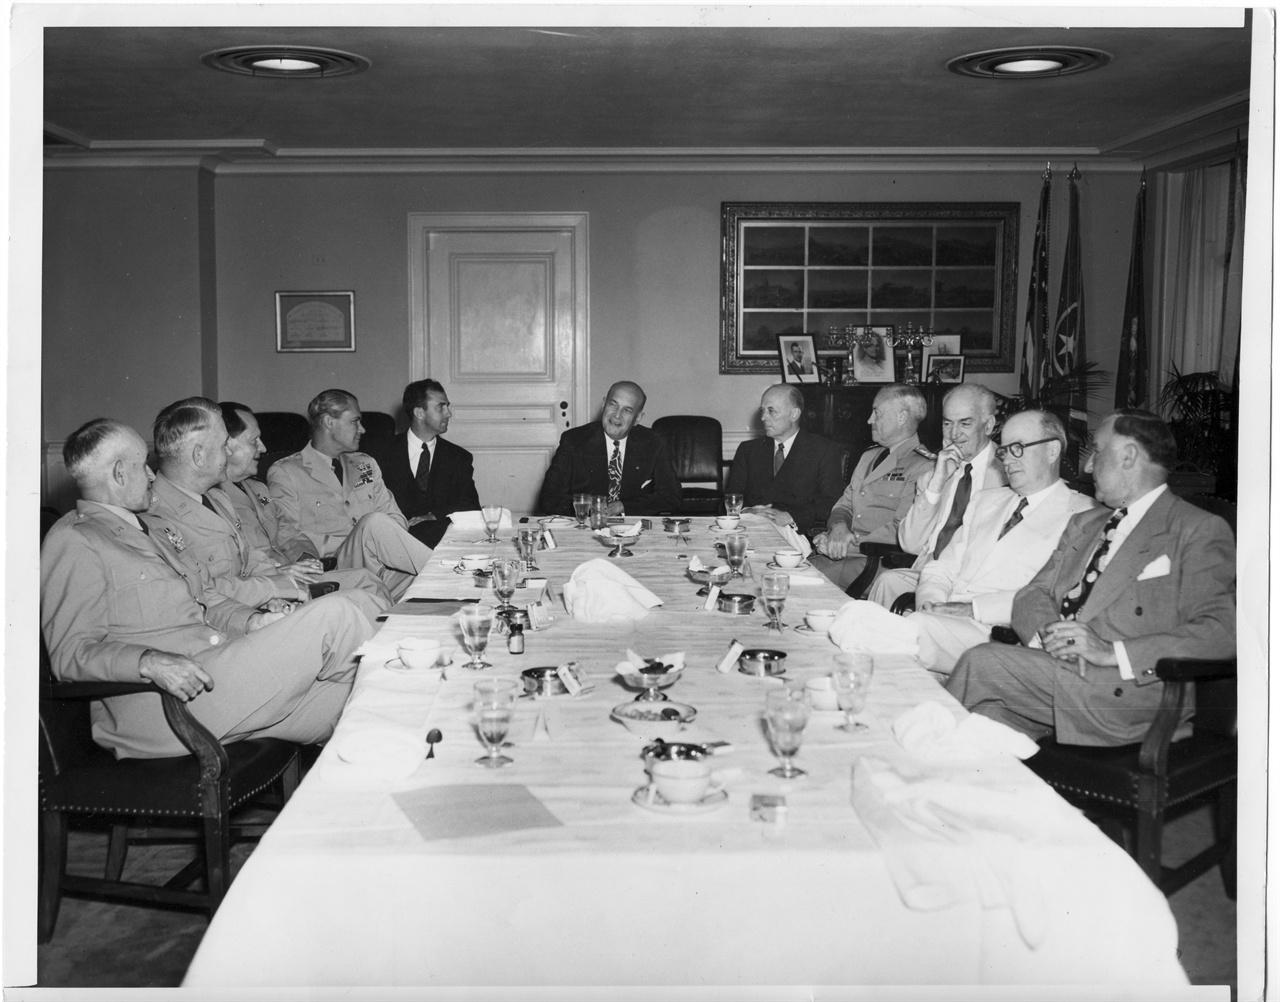 2. 루이스 존슨 미 국방장관이 군 수뇌들과 함께 한국전쟁 문제를 논의하고 있다(1950. 6. 26.).